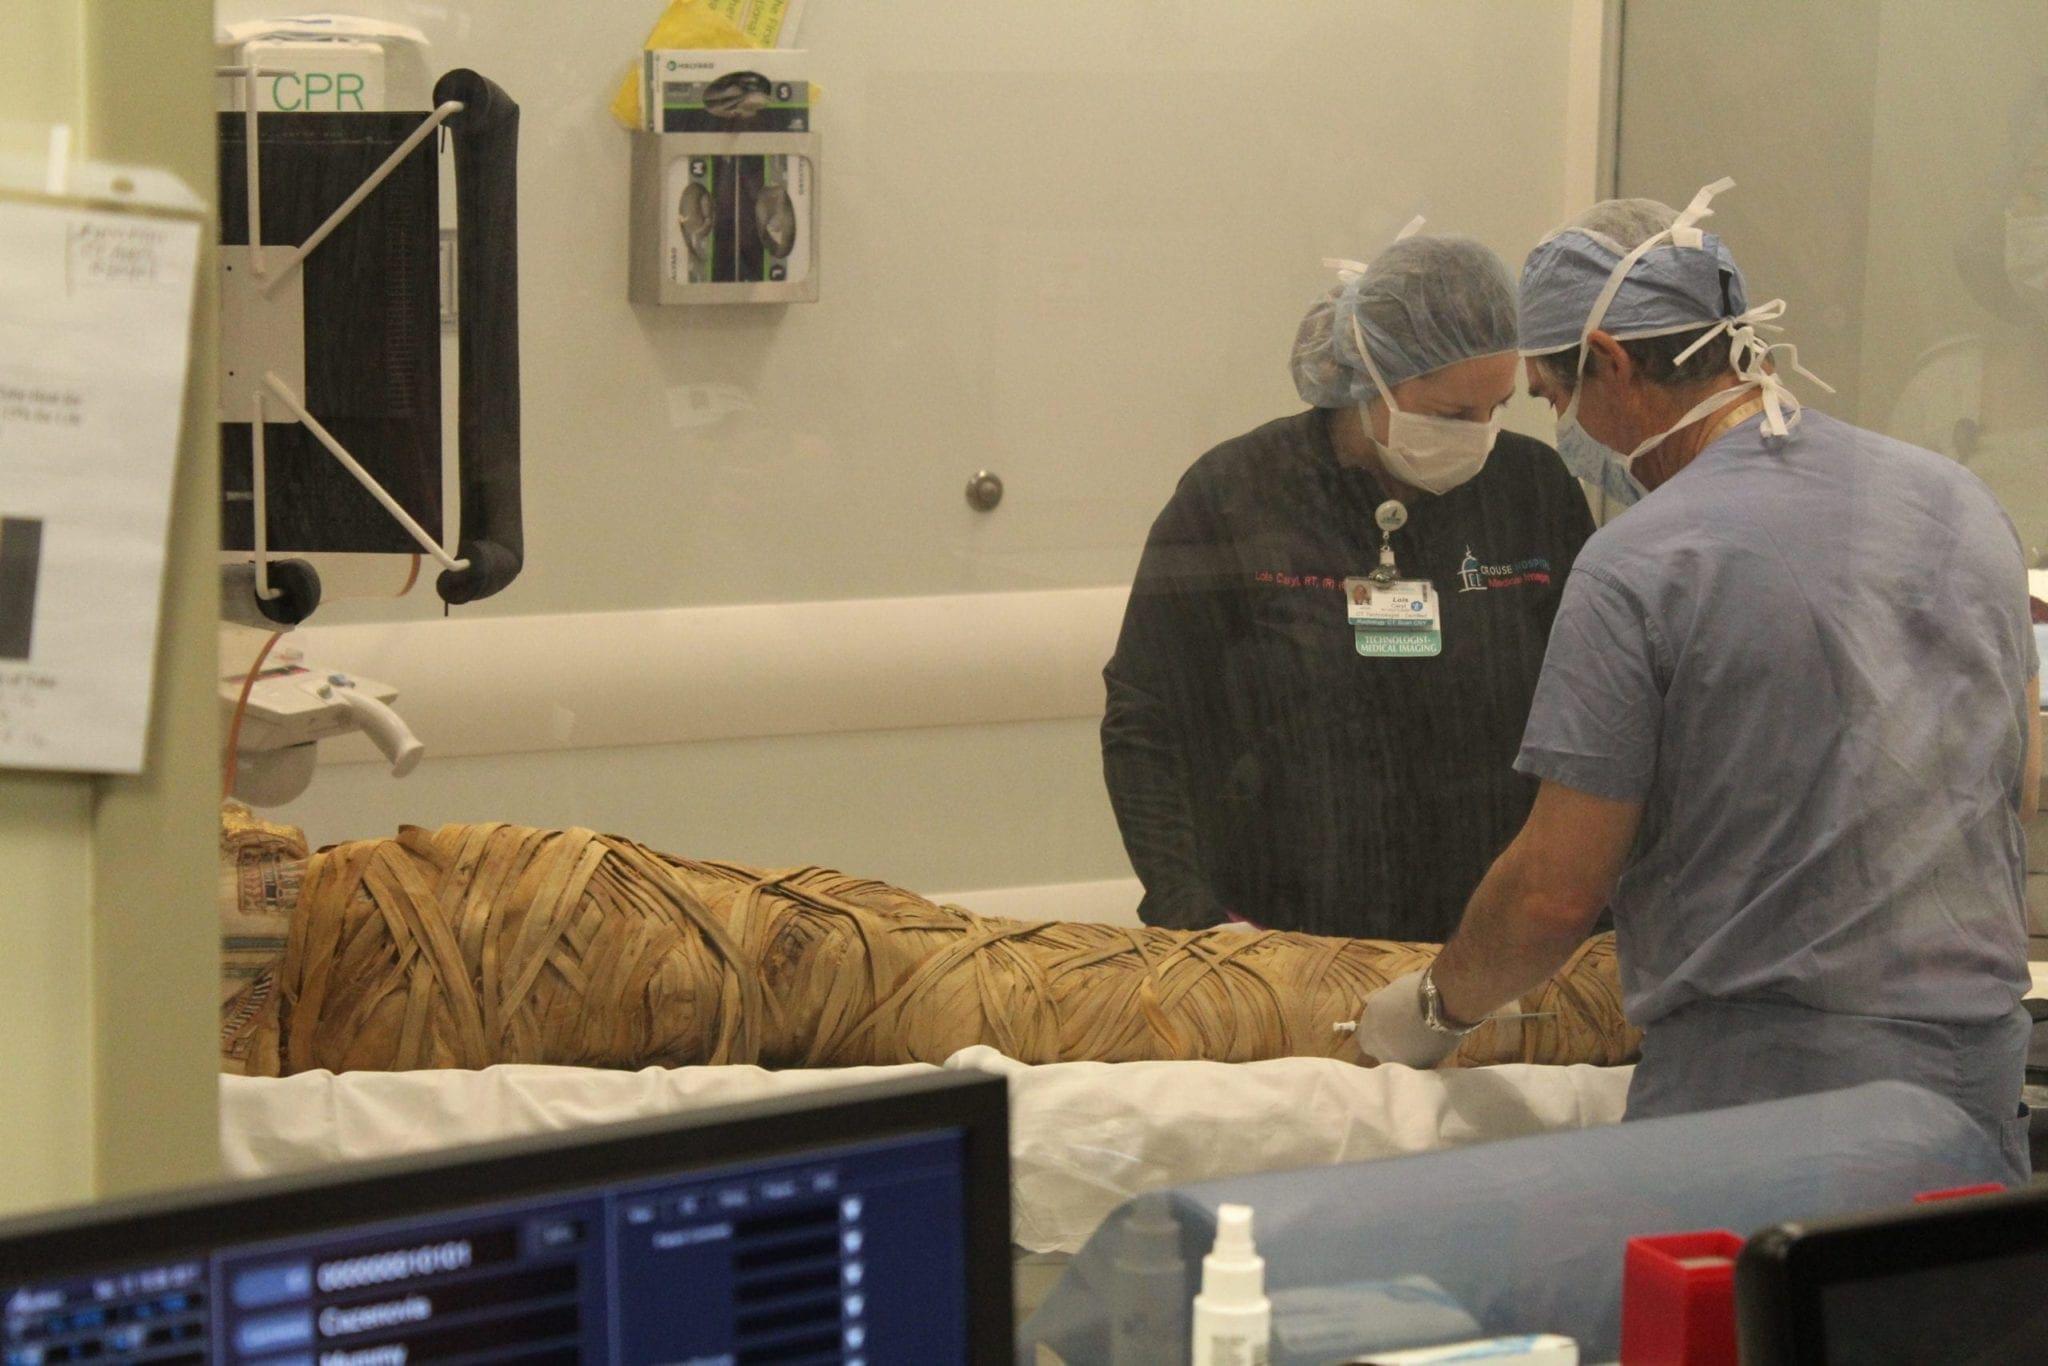 Cazenovia mummy makes hospital visit to undergo medical testing